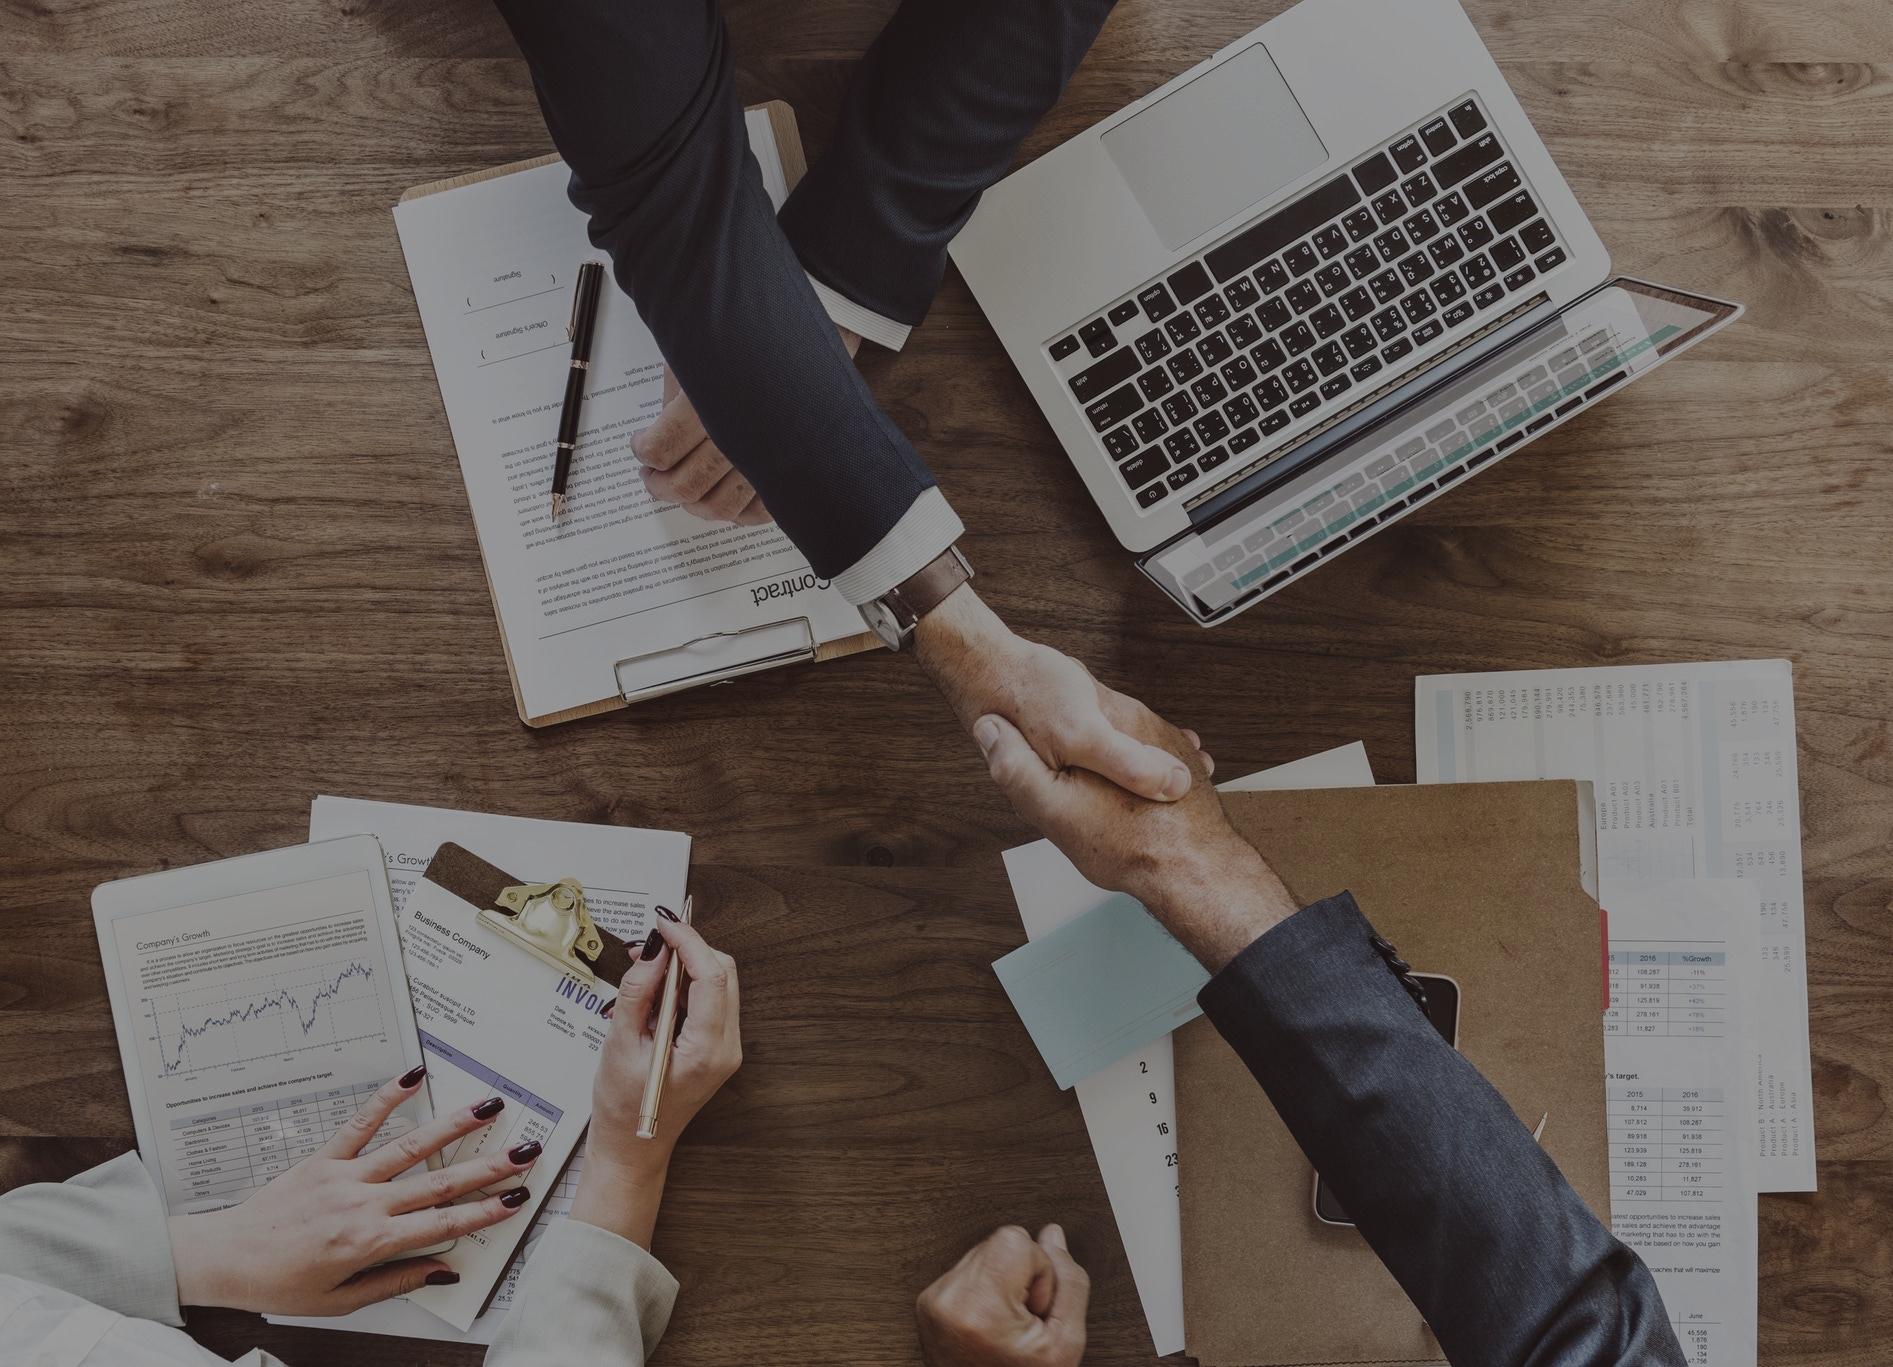 Cẩm nang thuyết phục khách hàng hiệu quả